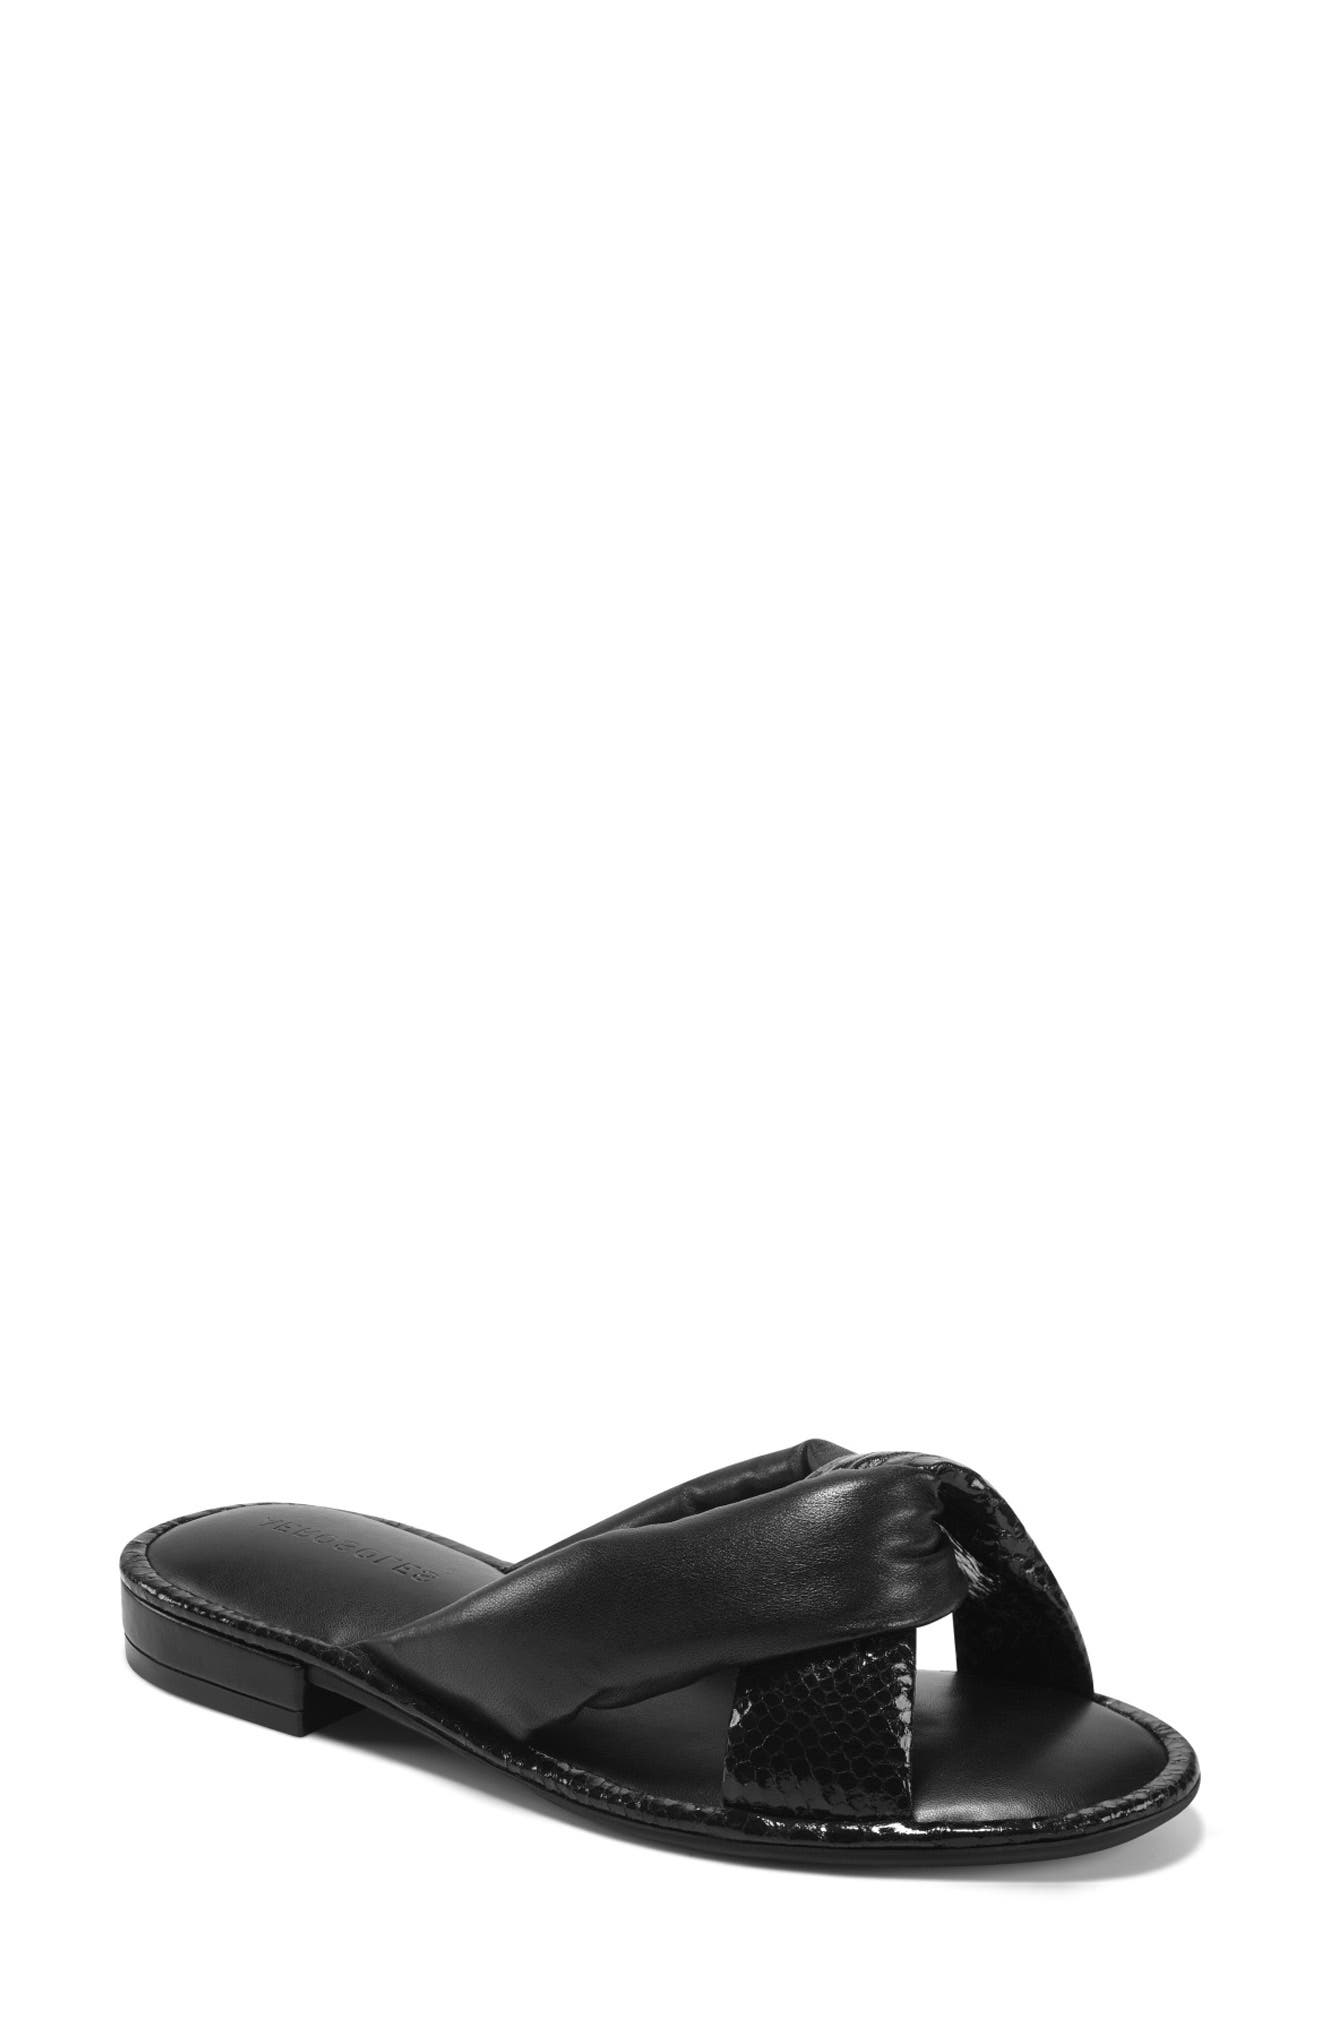 Jordan Slide Sandal